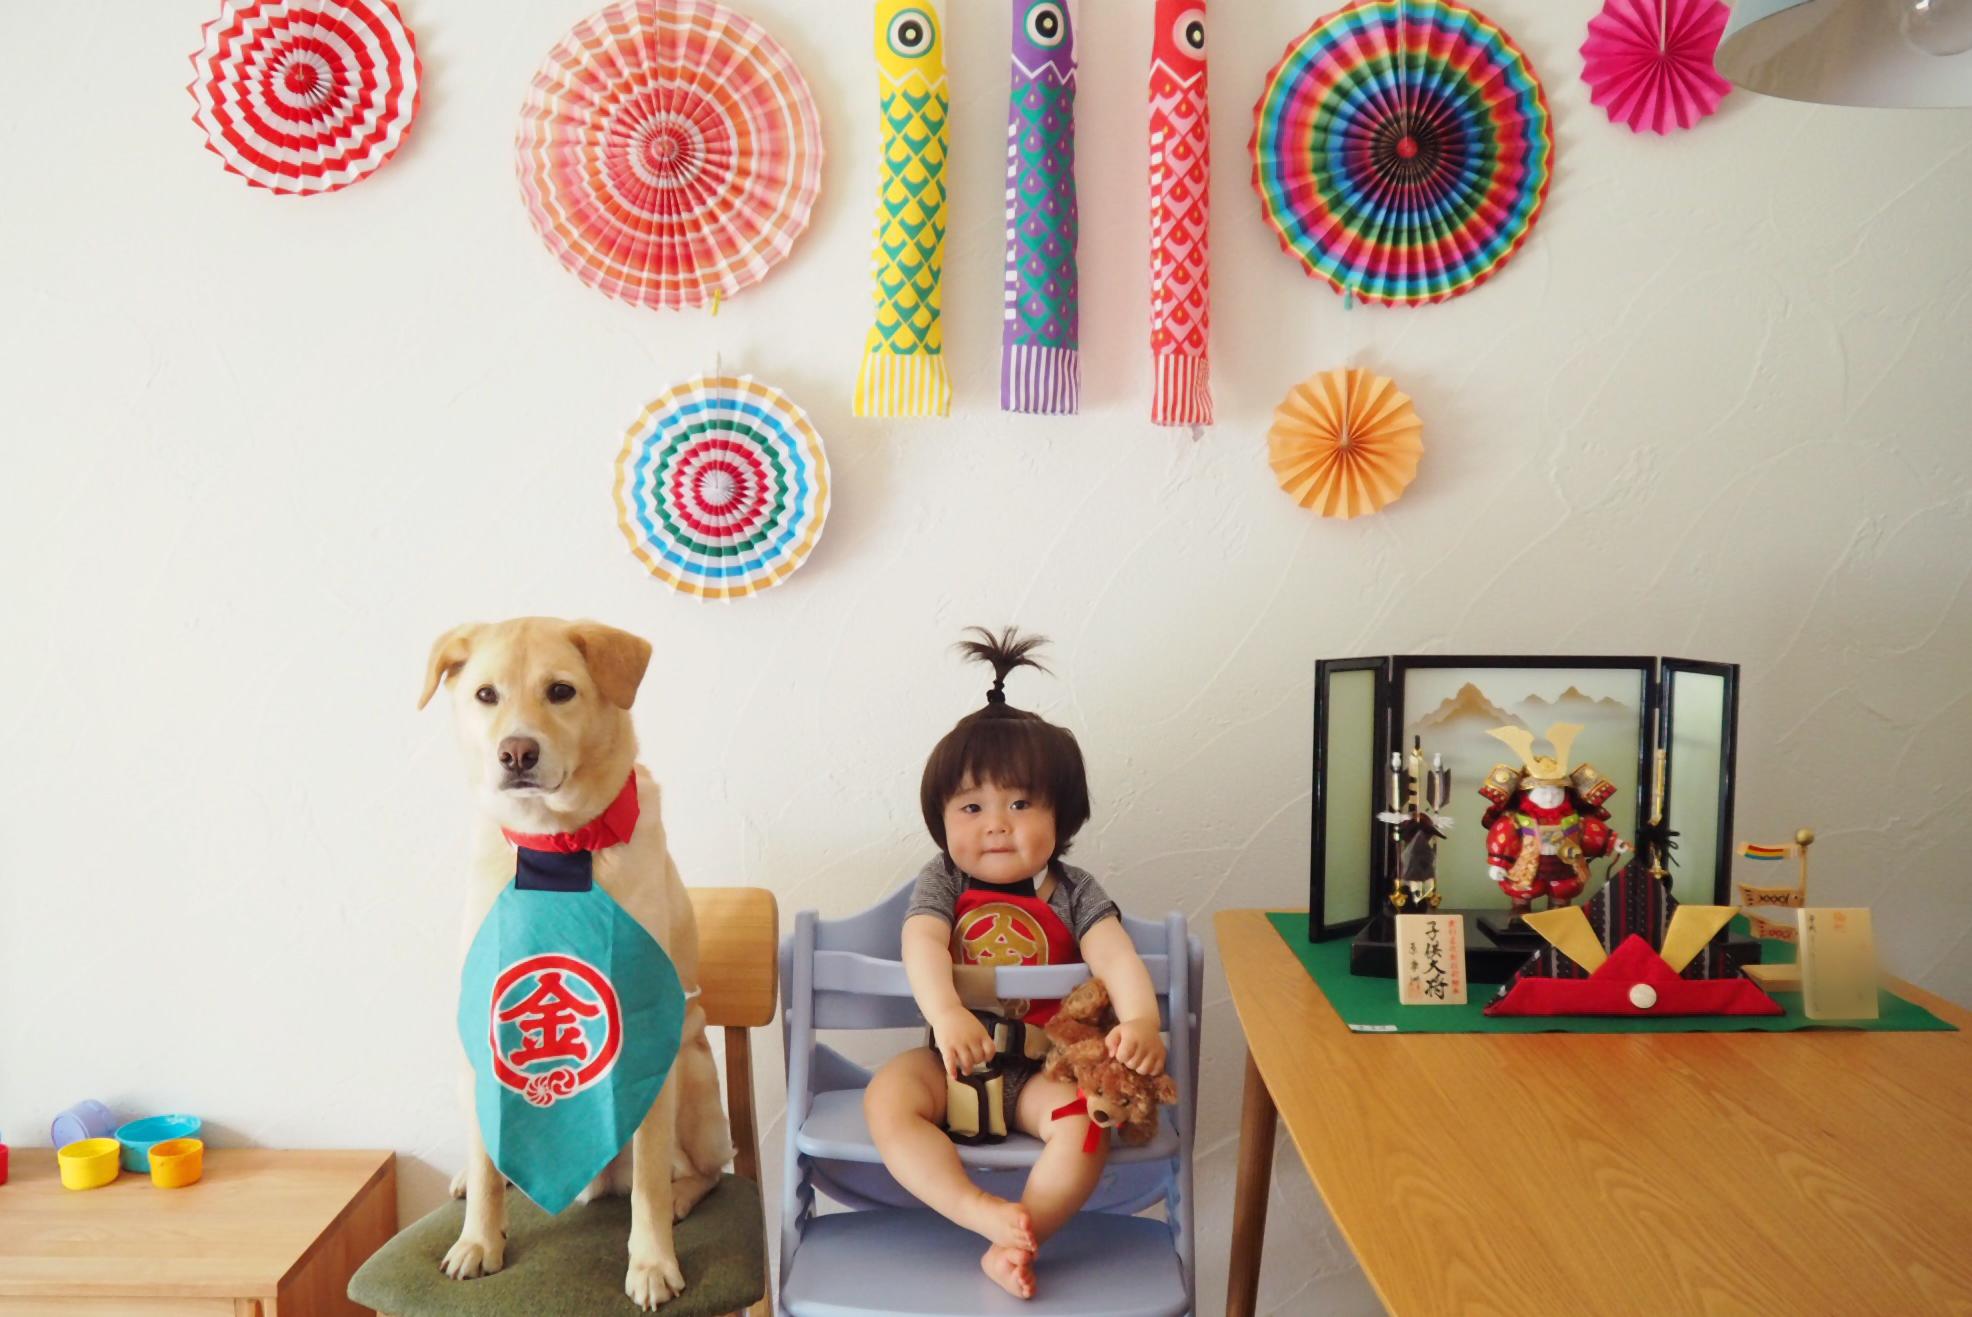 赤ちゃんと犬 子供と犬 初節句 飾り